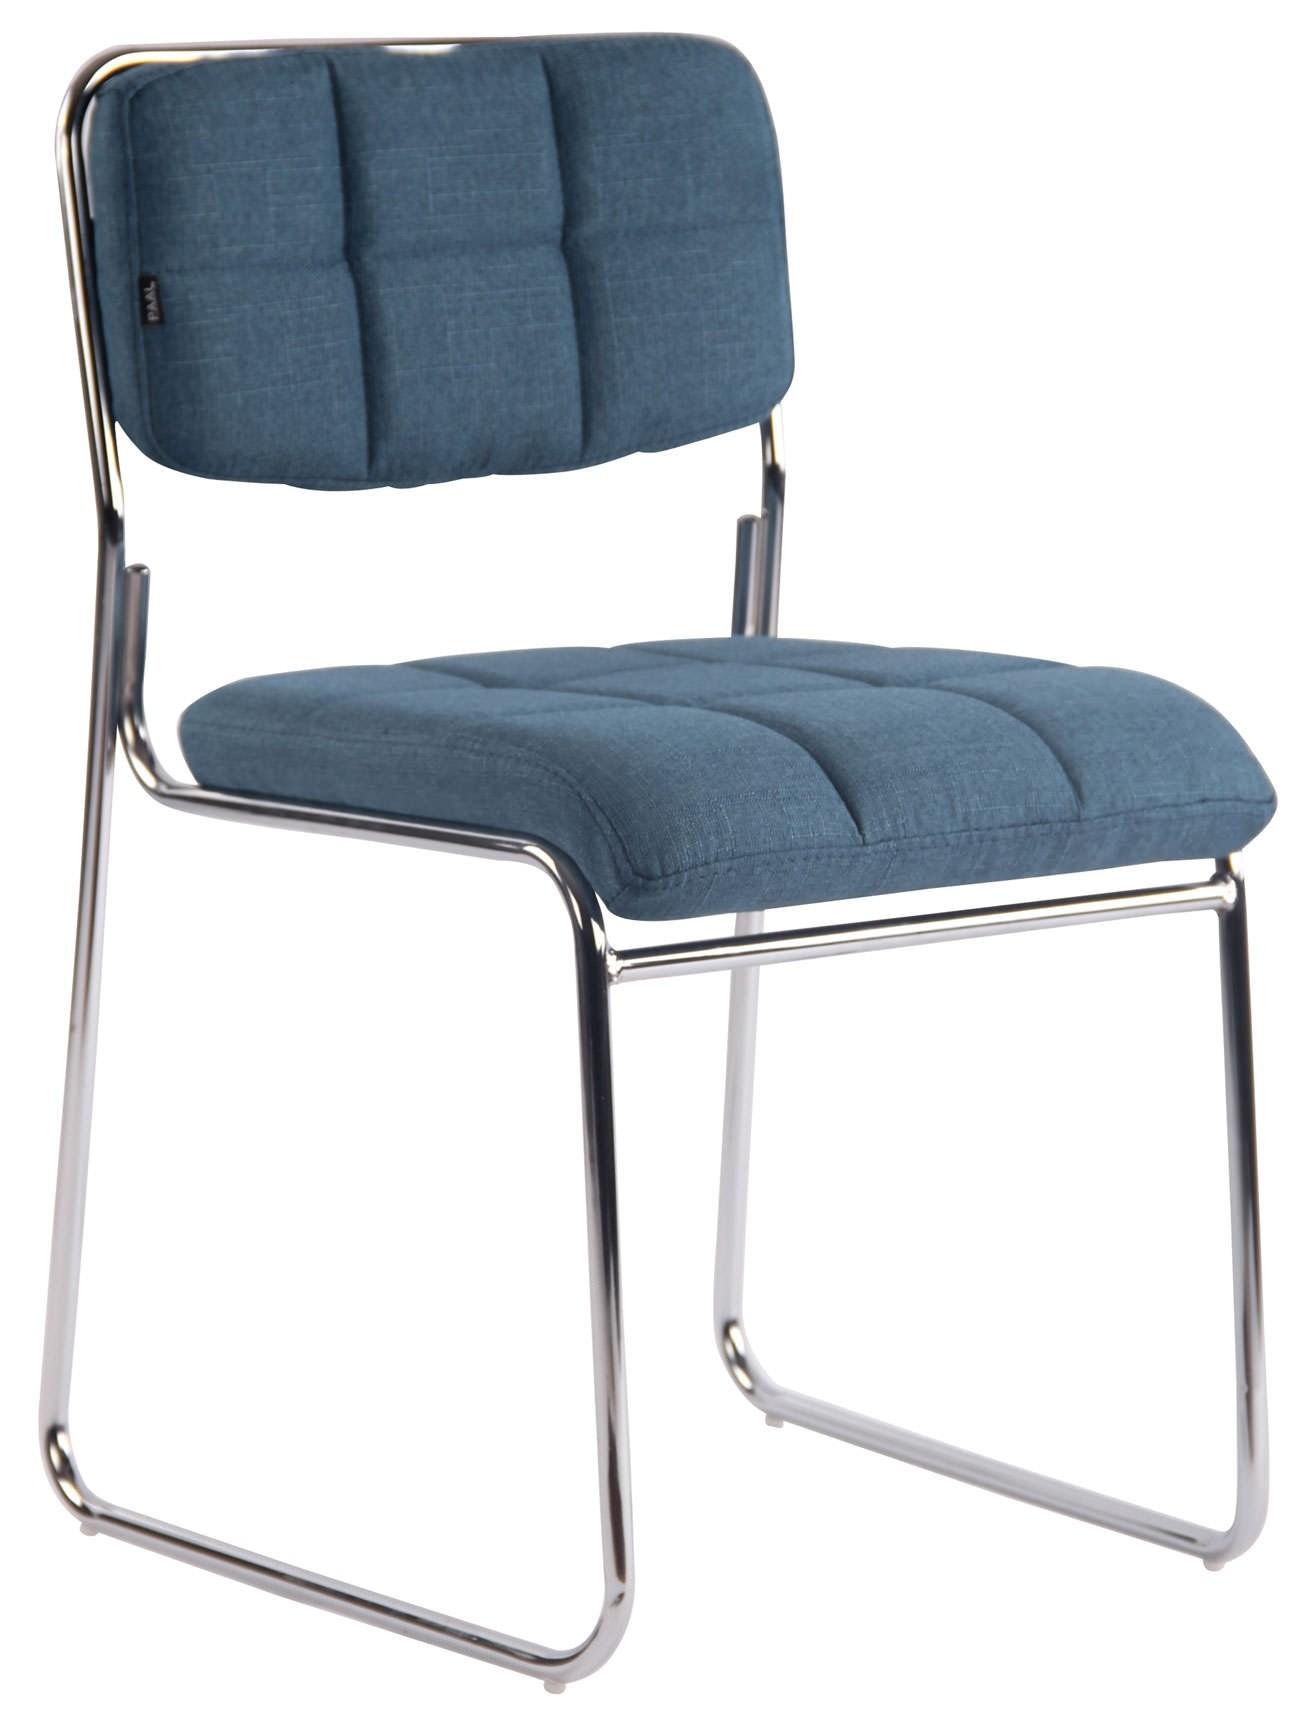 Chaise de visiteur Gera tissu